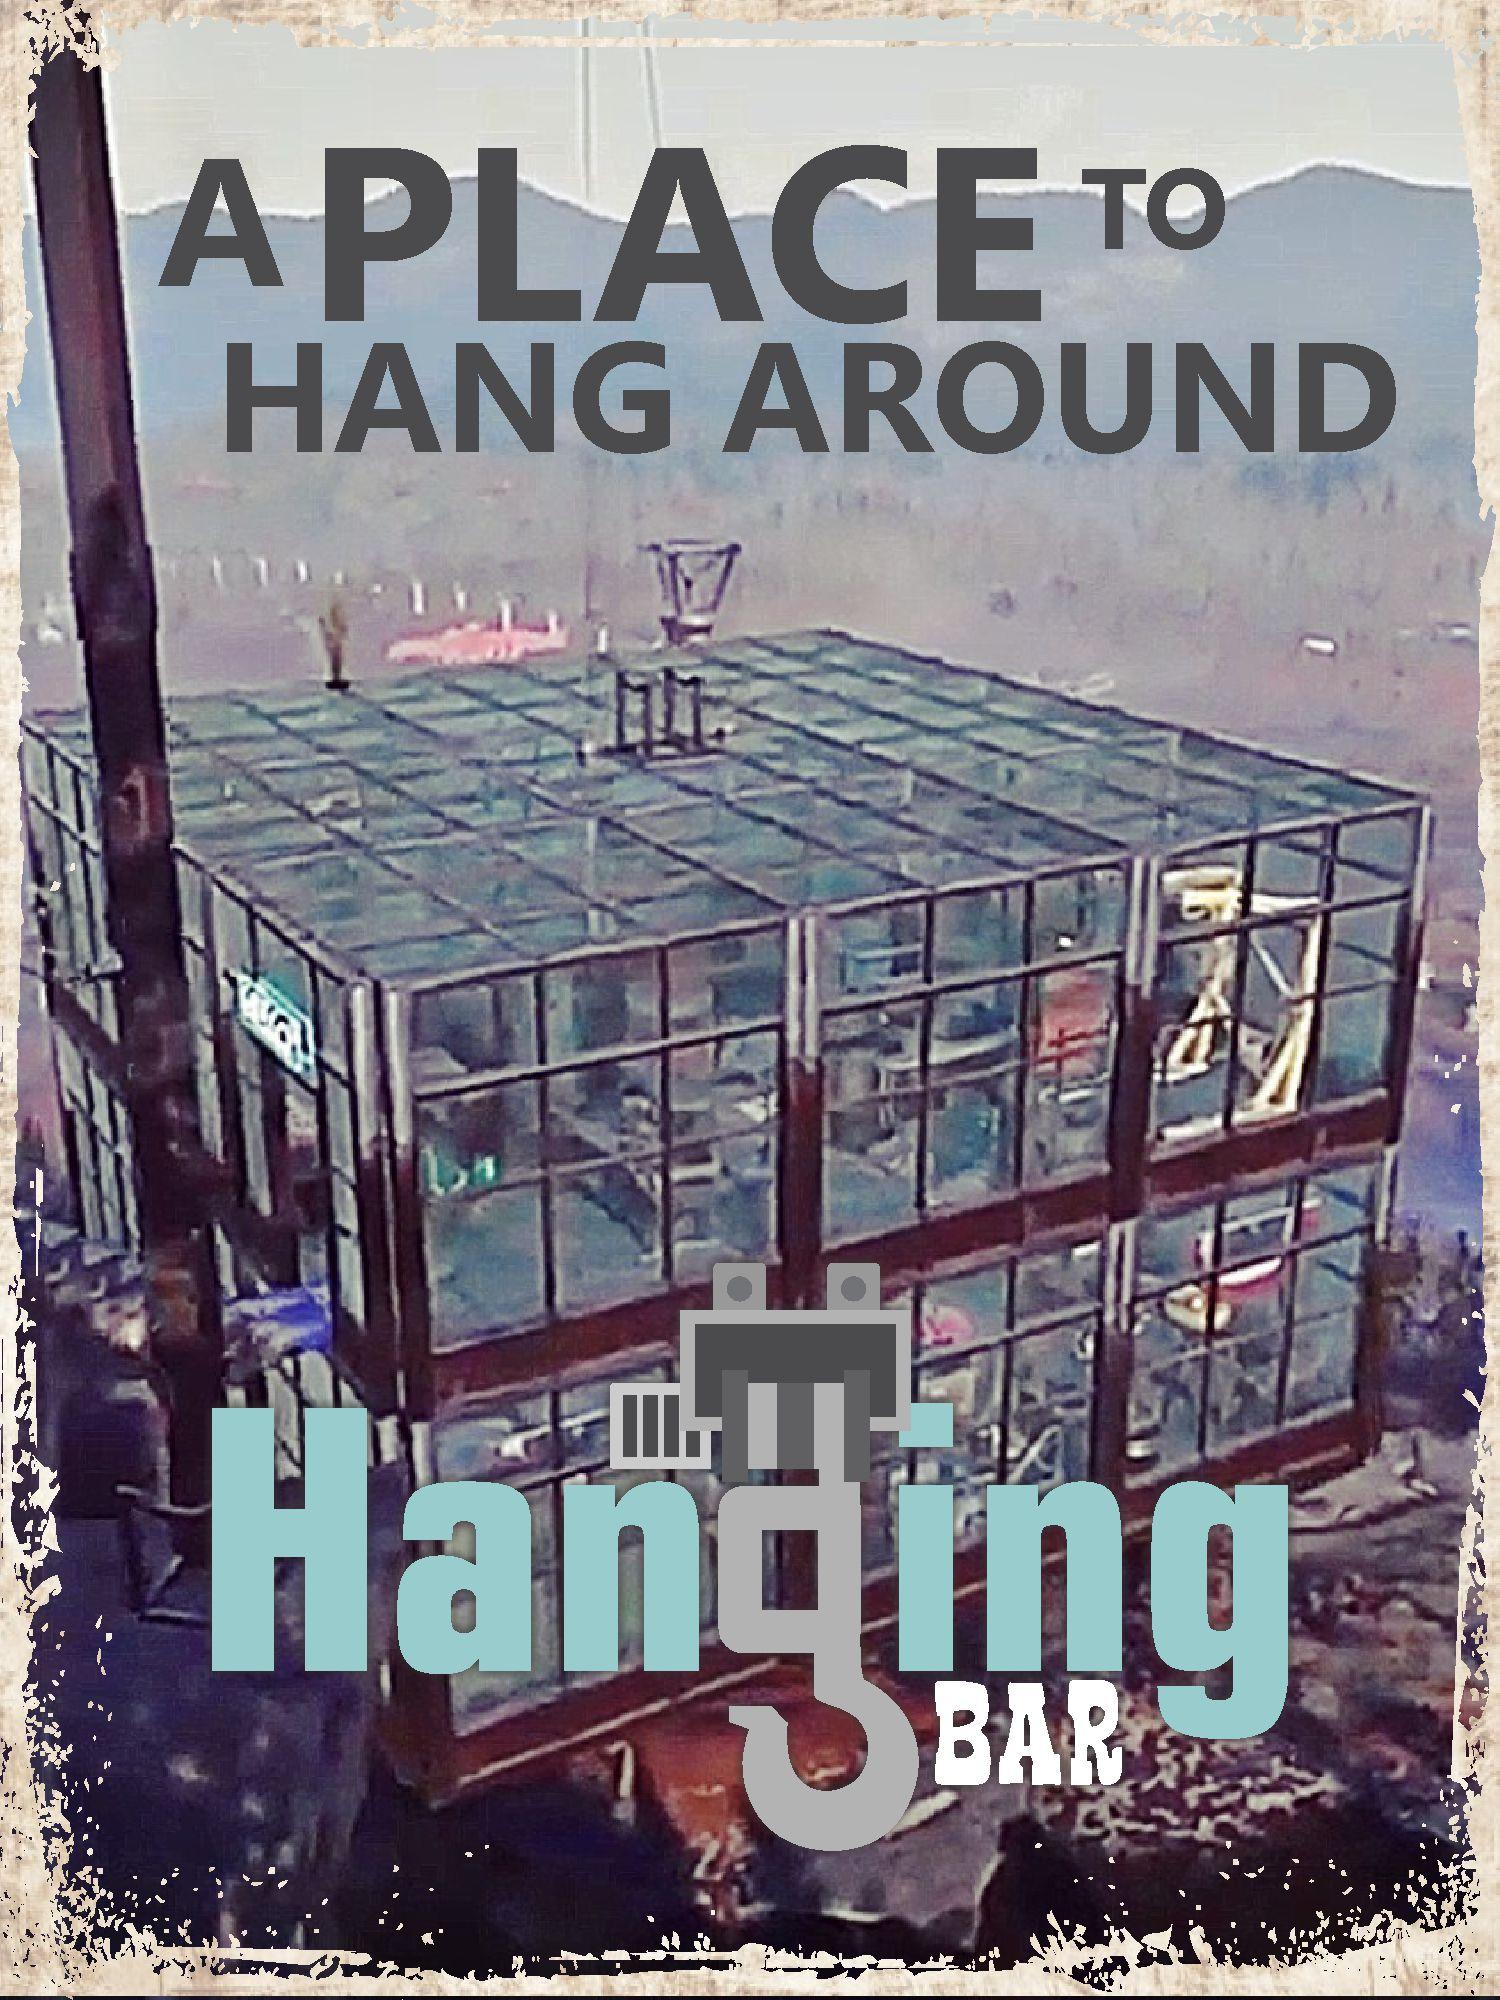 Hanging Bar